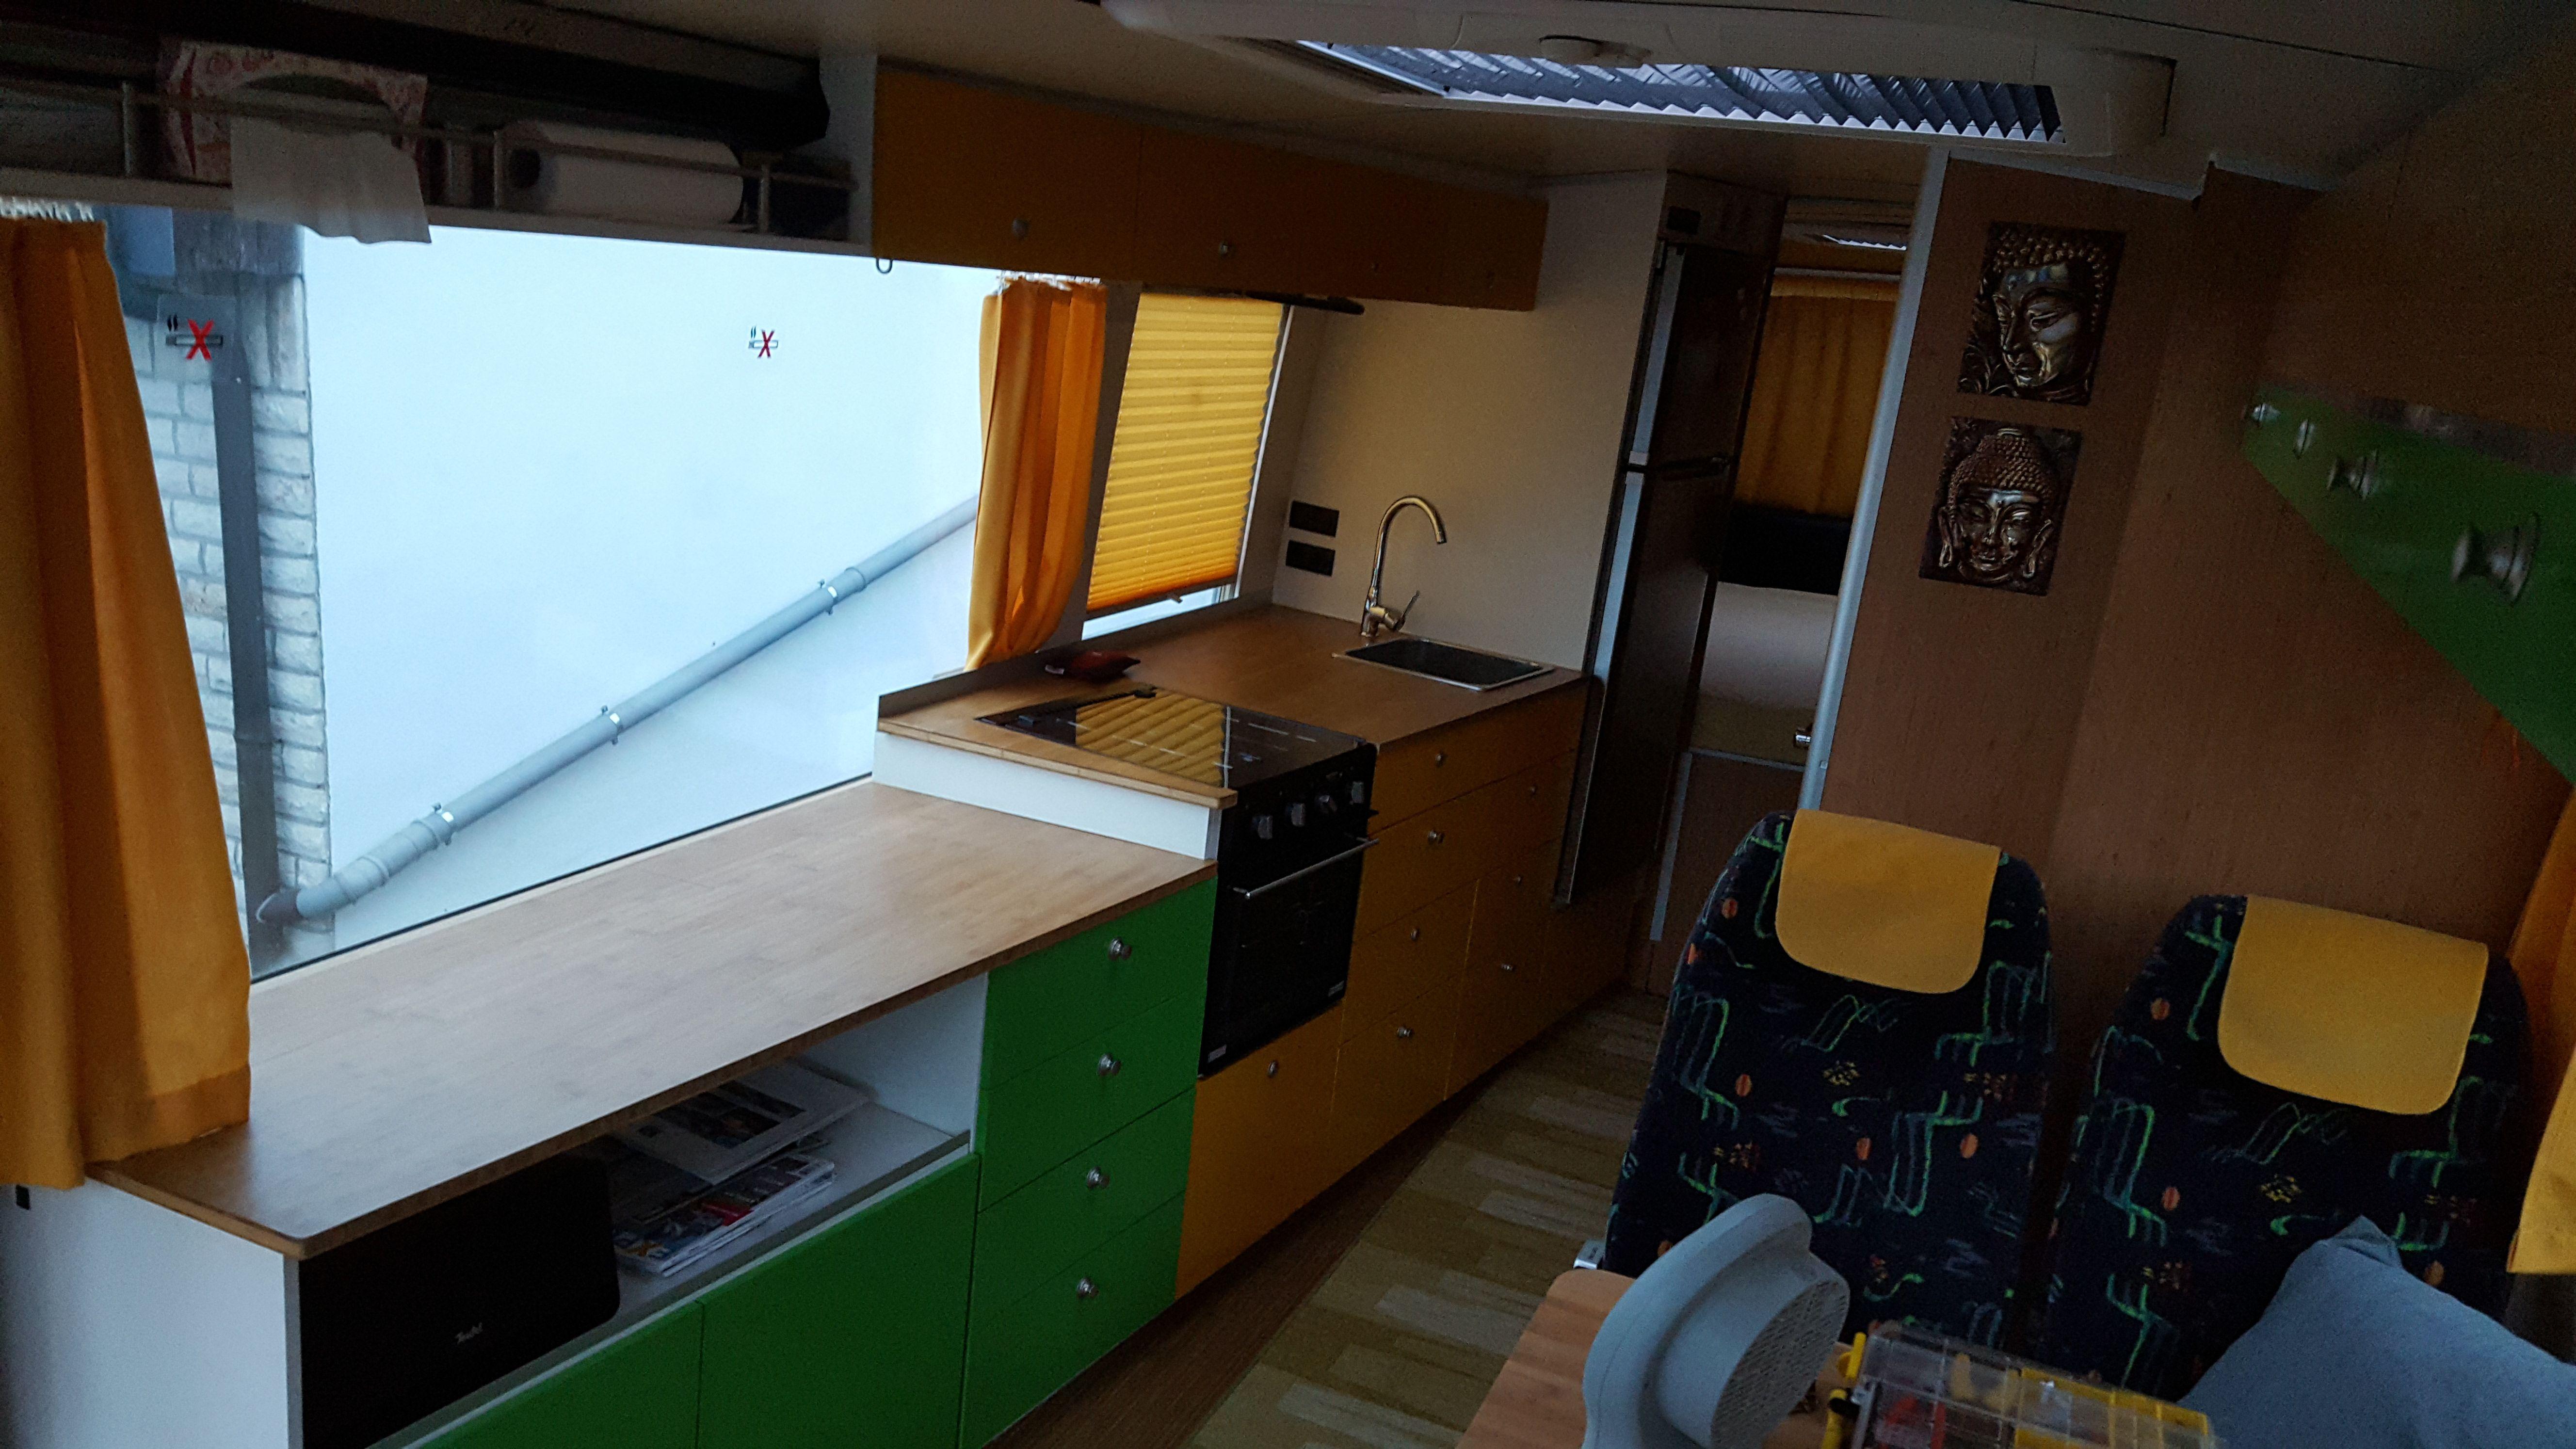 Küche Im Wohnraum | Kuche Und Wohnraum Wohnbus Setra S208h Pinterest